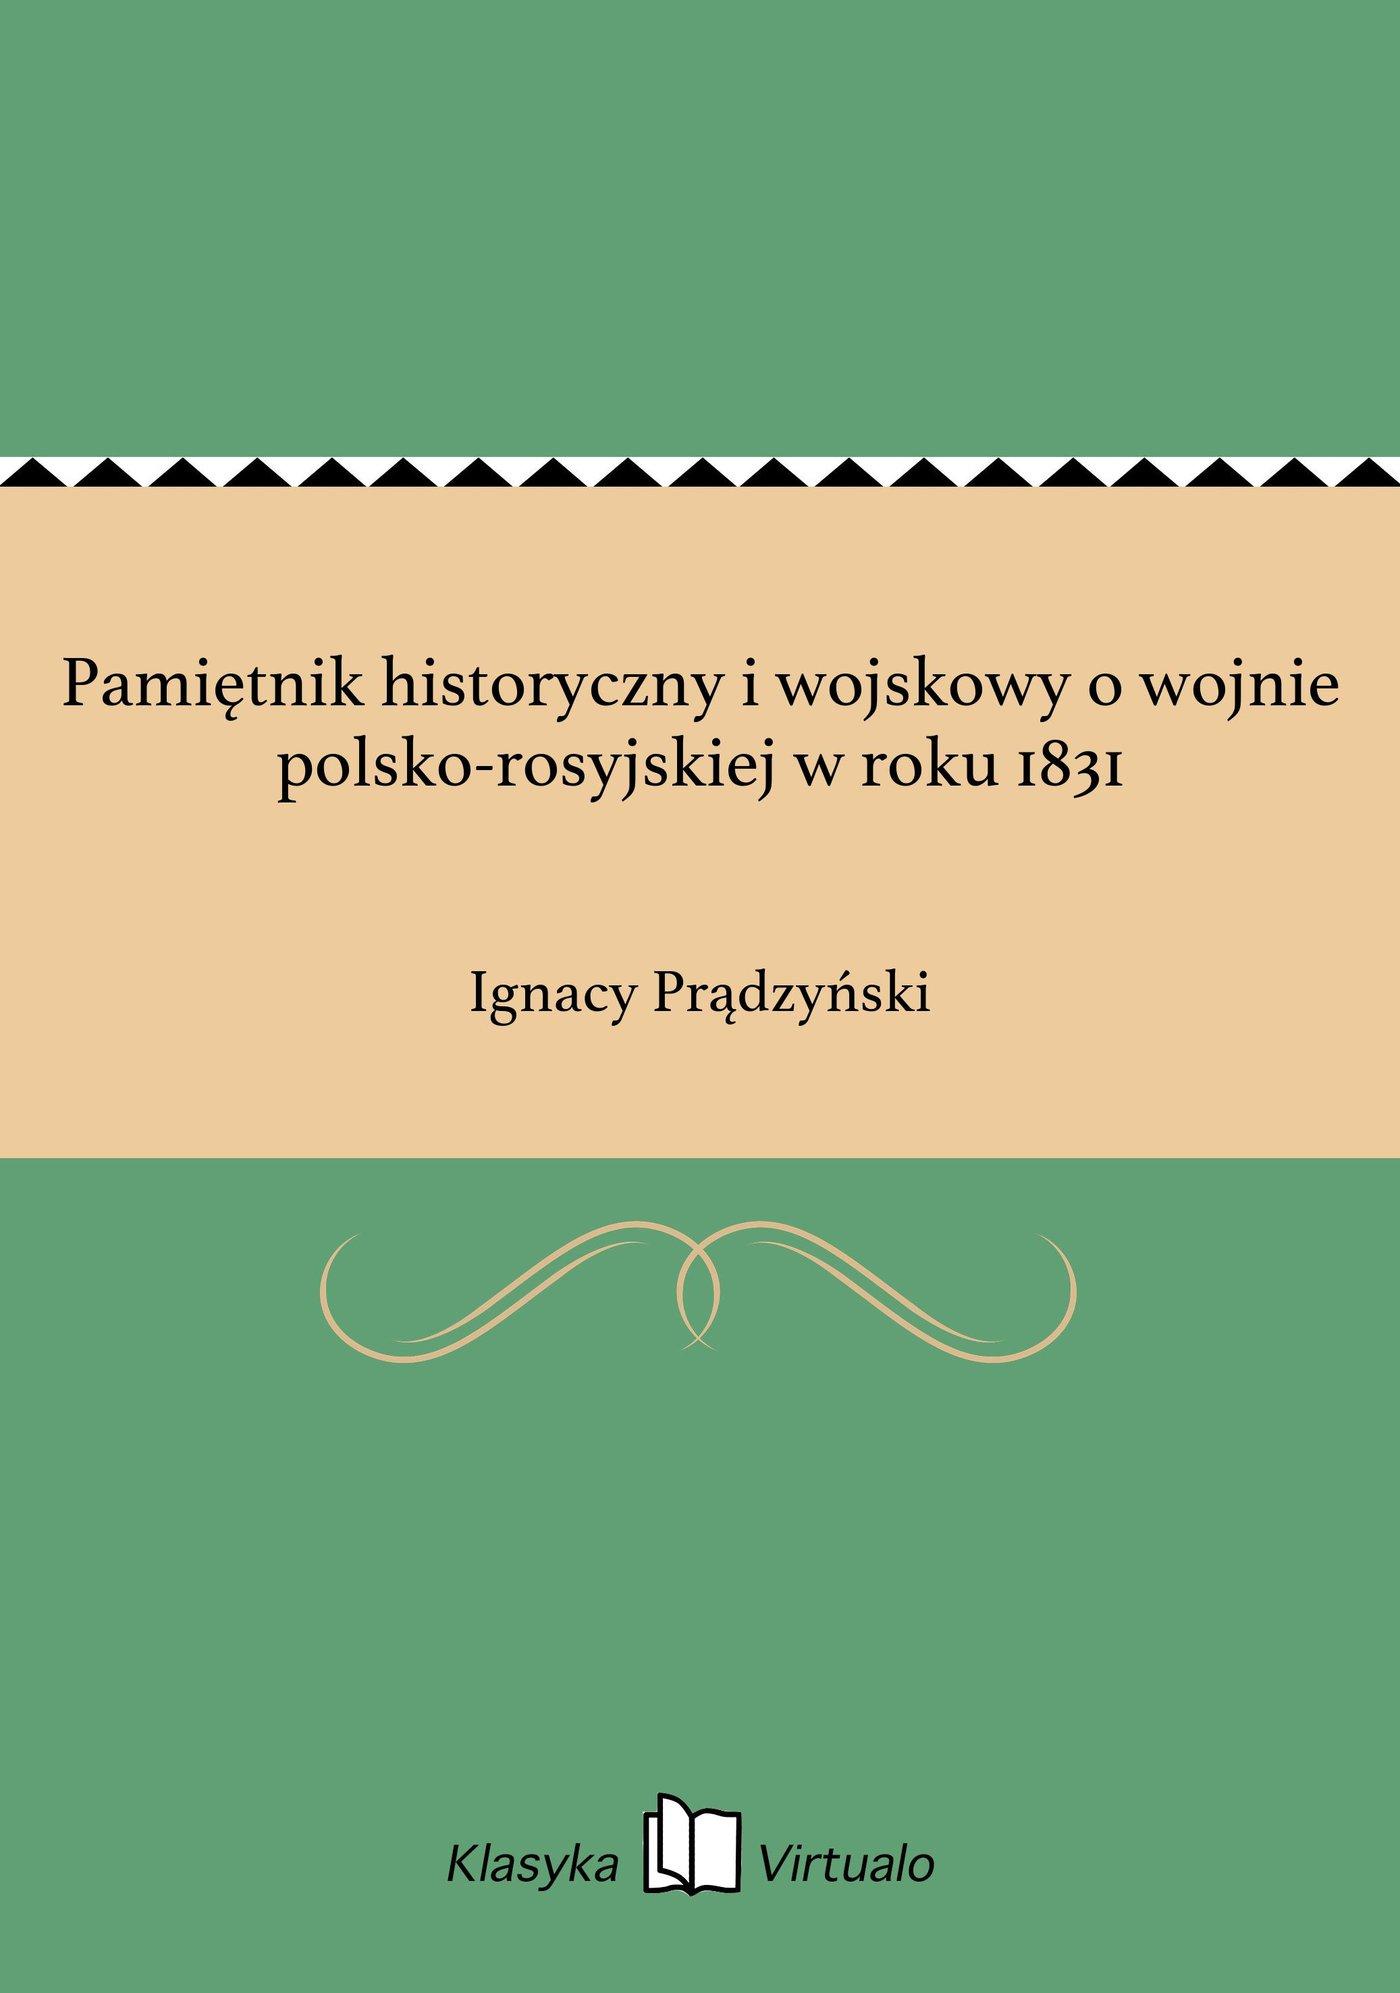 Pamiętnik historyczny i wojskowy o wojnie polsko-rosyjskiej w roku 1831 - Ebook (Książka EPUB) do pobrania w formacie EPUB